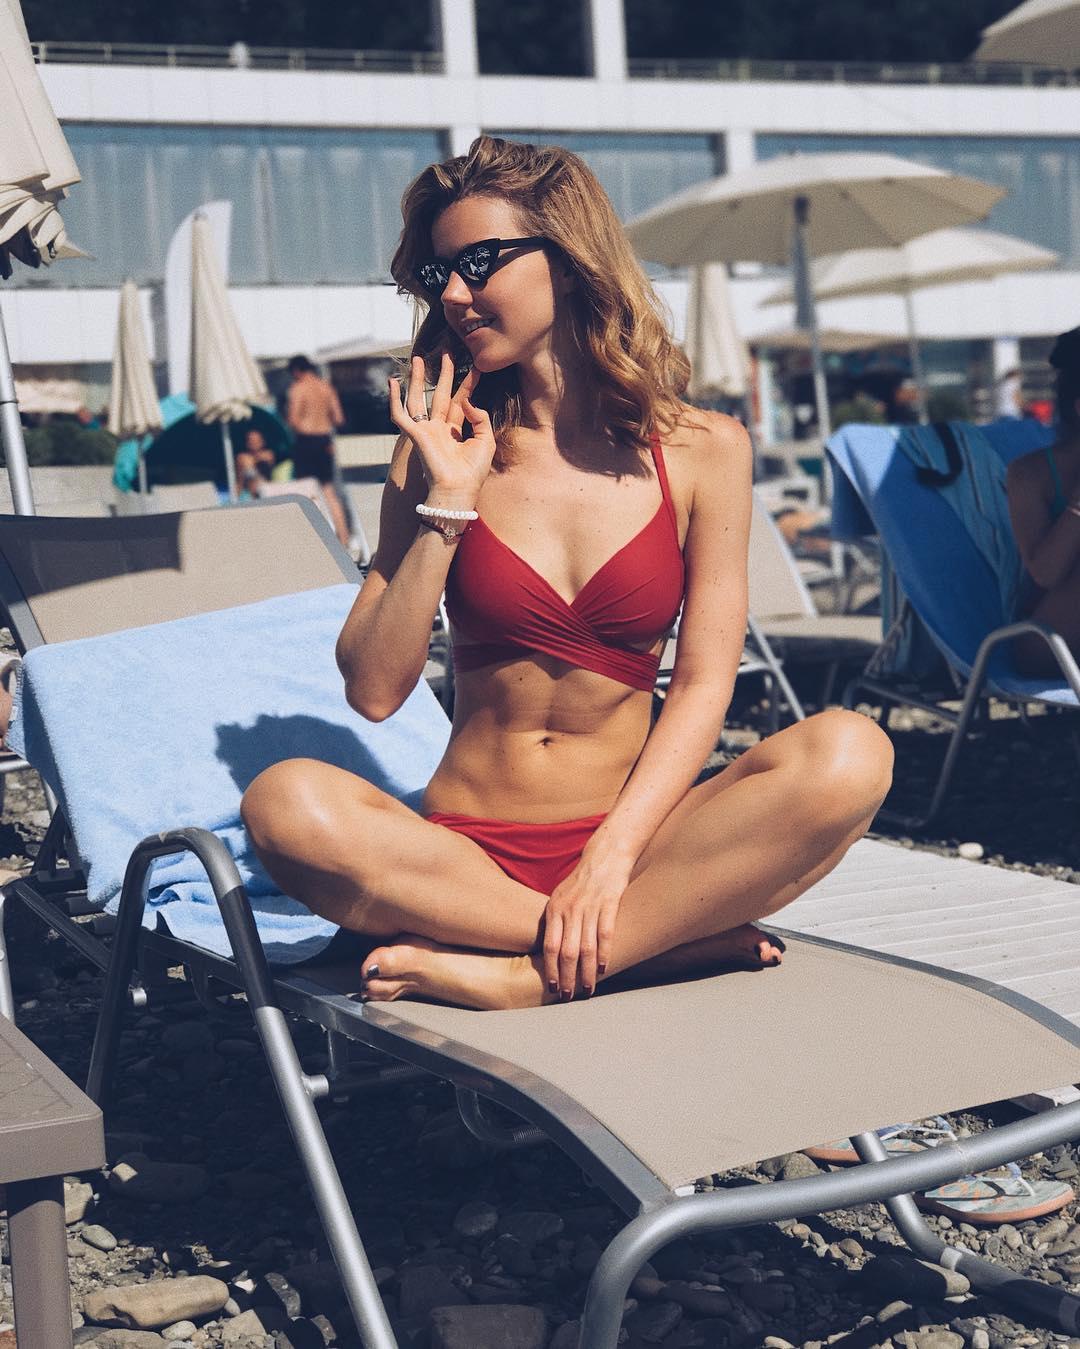 Юлианна Караулова: В этом году я даже успела на полчаса на пляж. По этому праздничному случаю - фоточка на память)) Море +26. Не завидуйте - я не успела им насладиться))